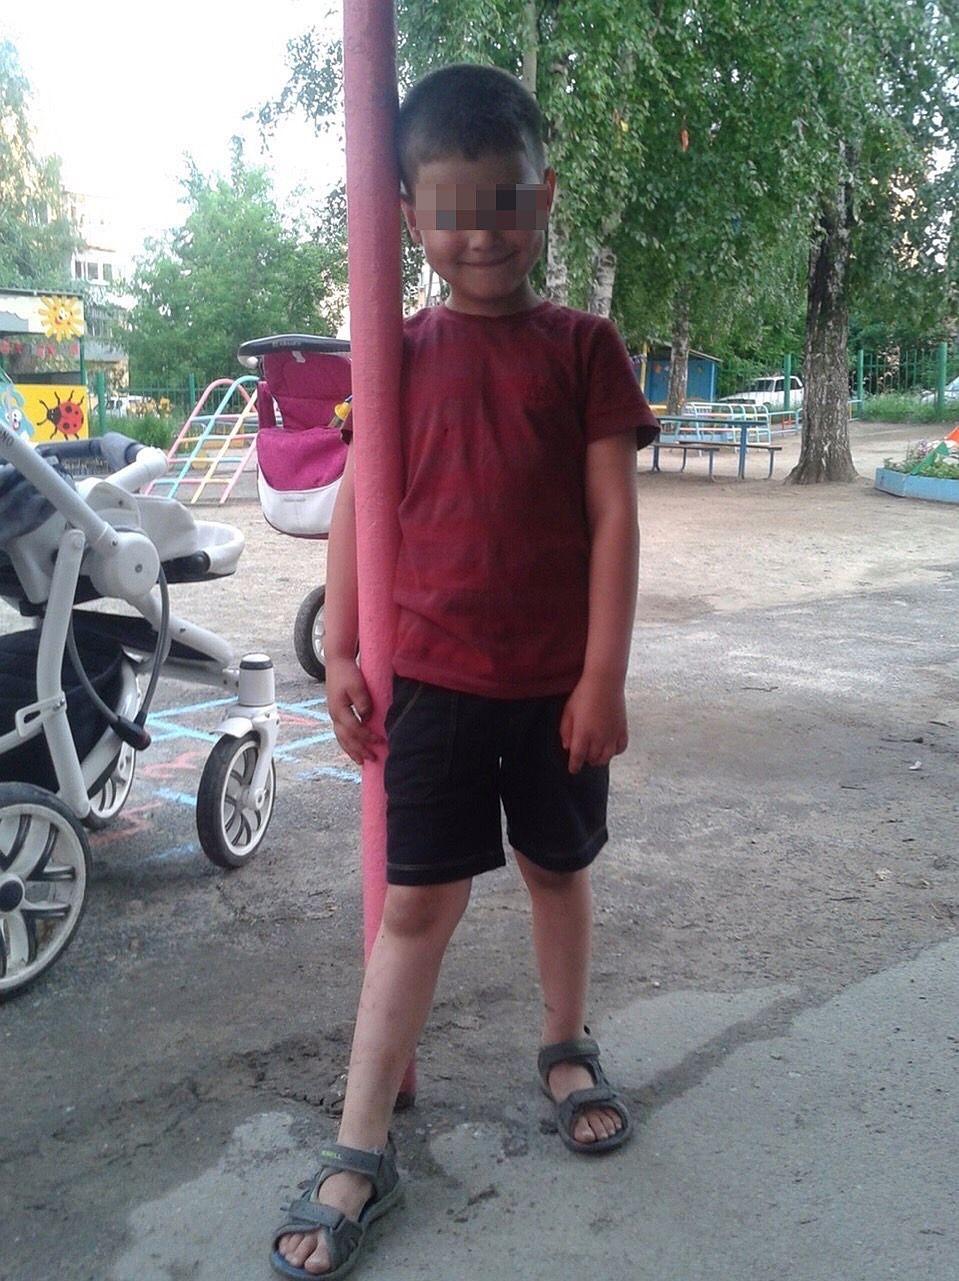 Семилетний Егор играл с друзьями на тарзанке, когда в него попала пуля.